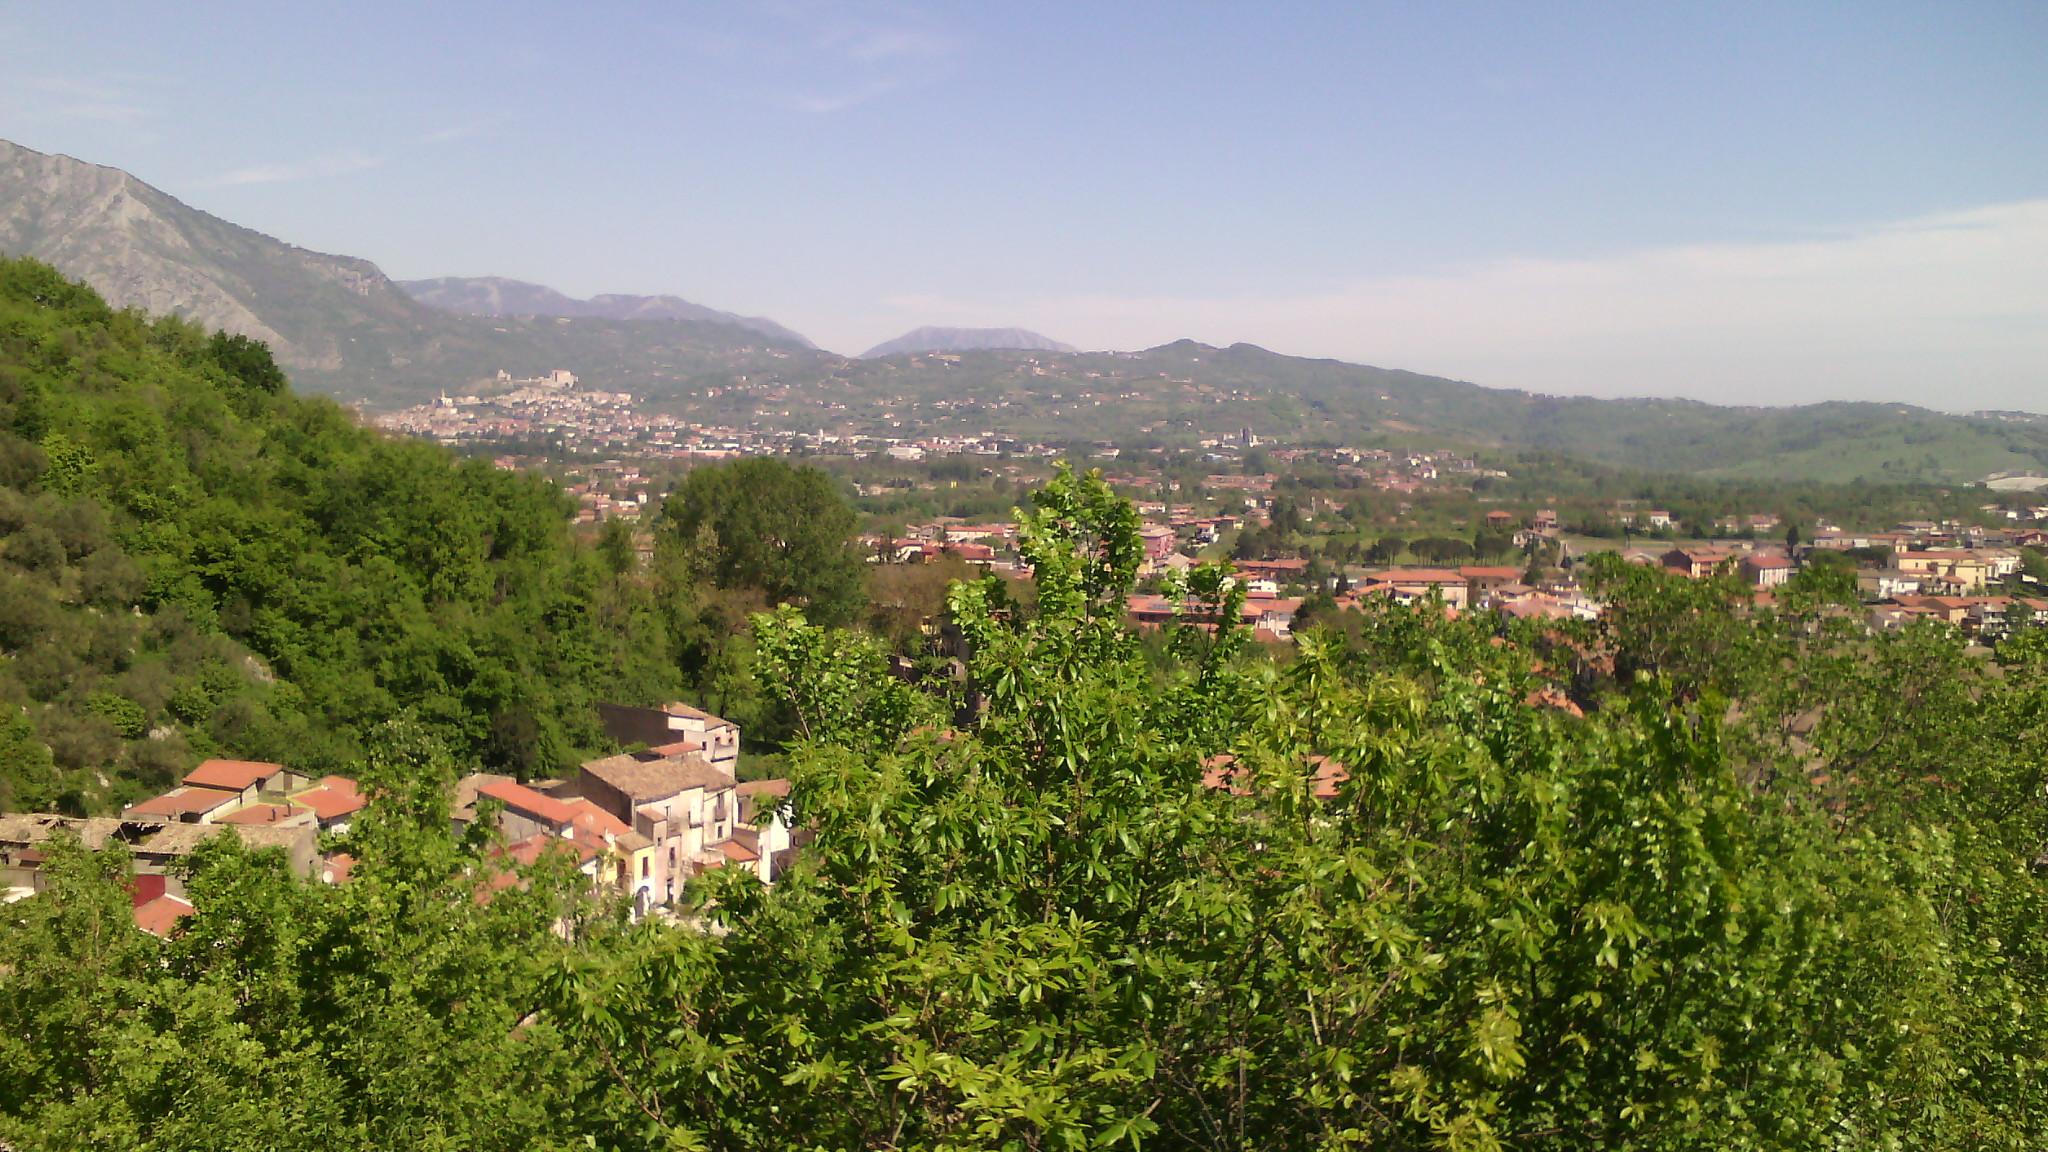 San Martino | In programma il V Raduno Internazionale Famiglia del Giacco.